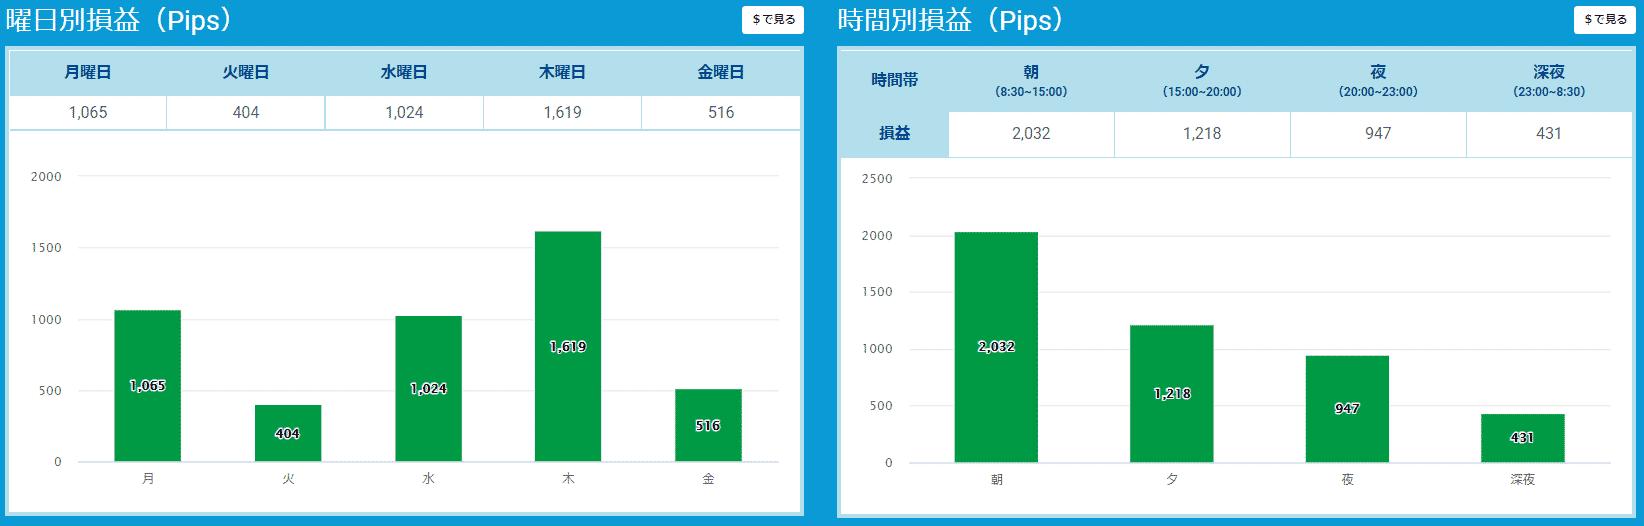 プロップトレーダーチャートKazu1